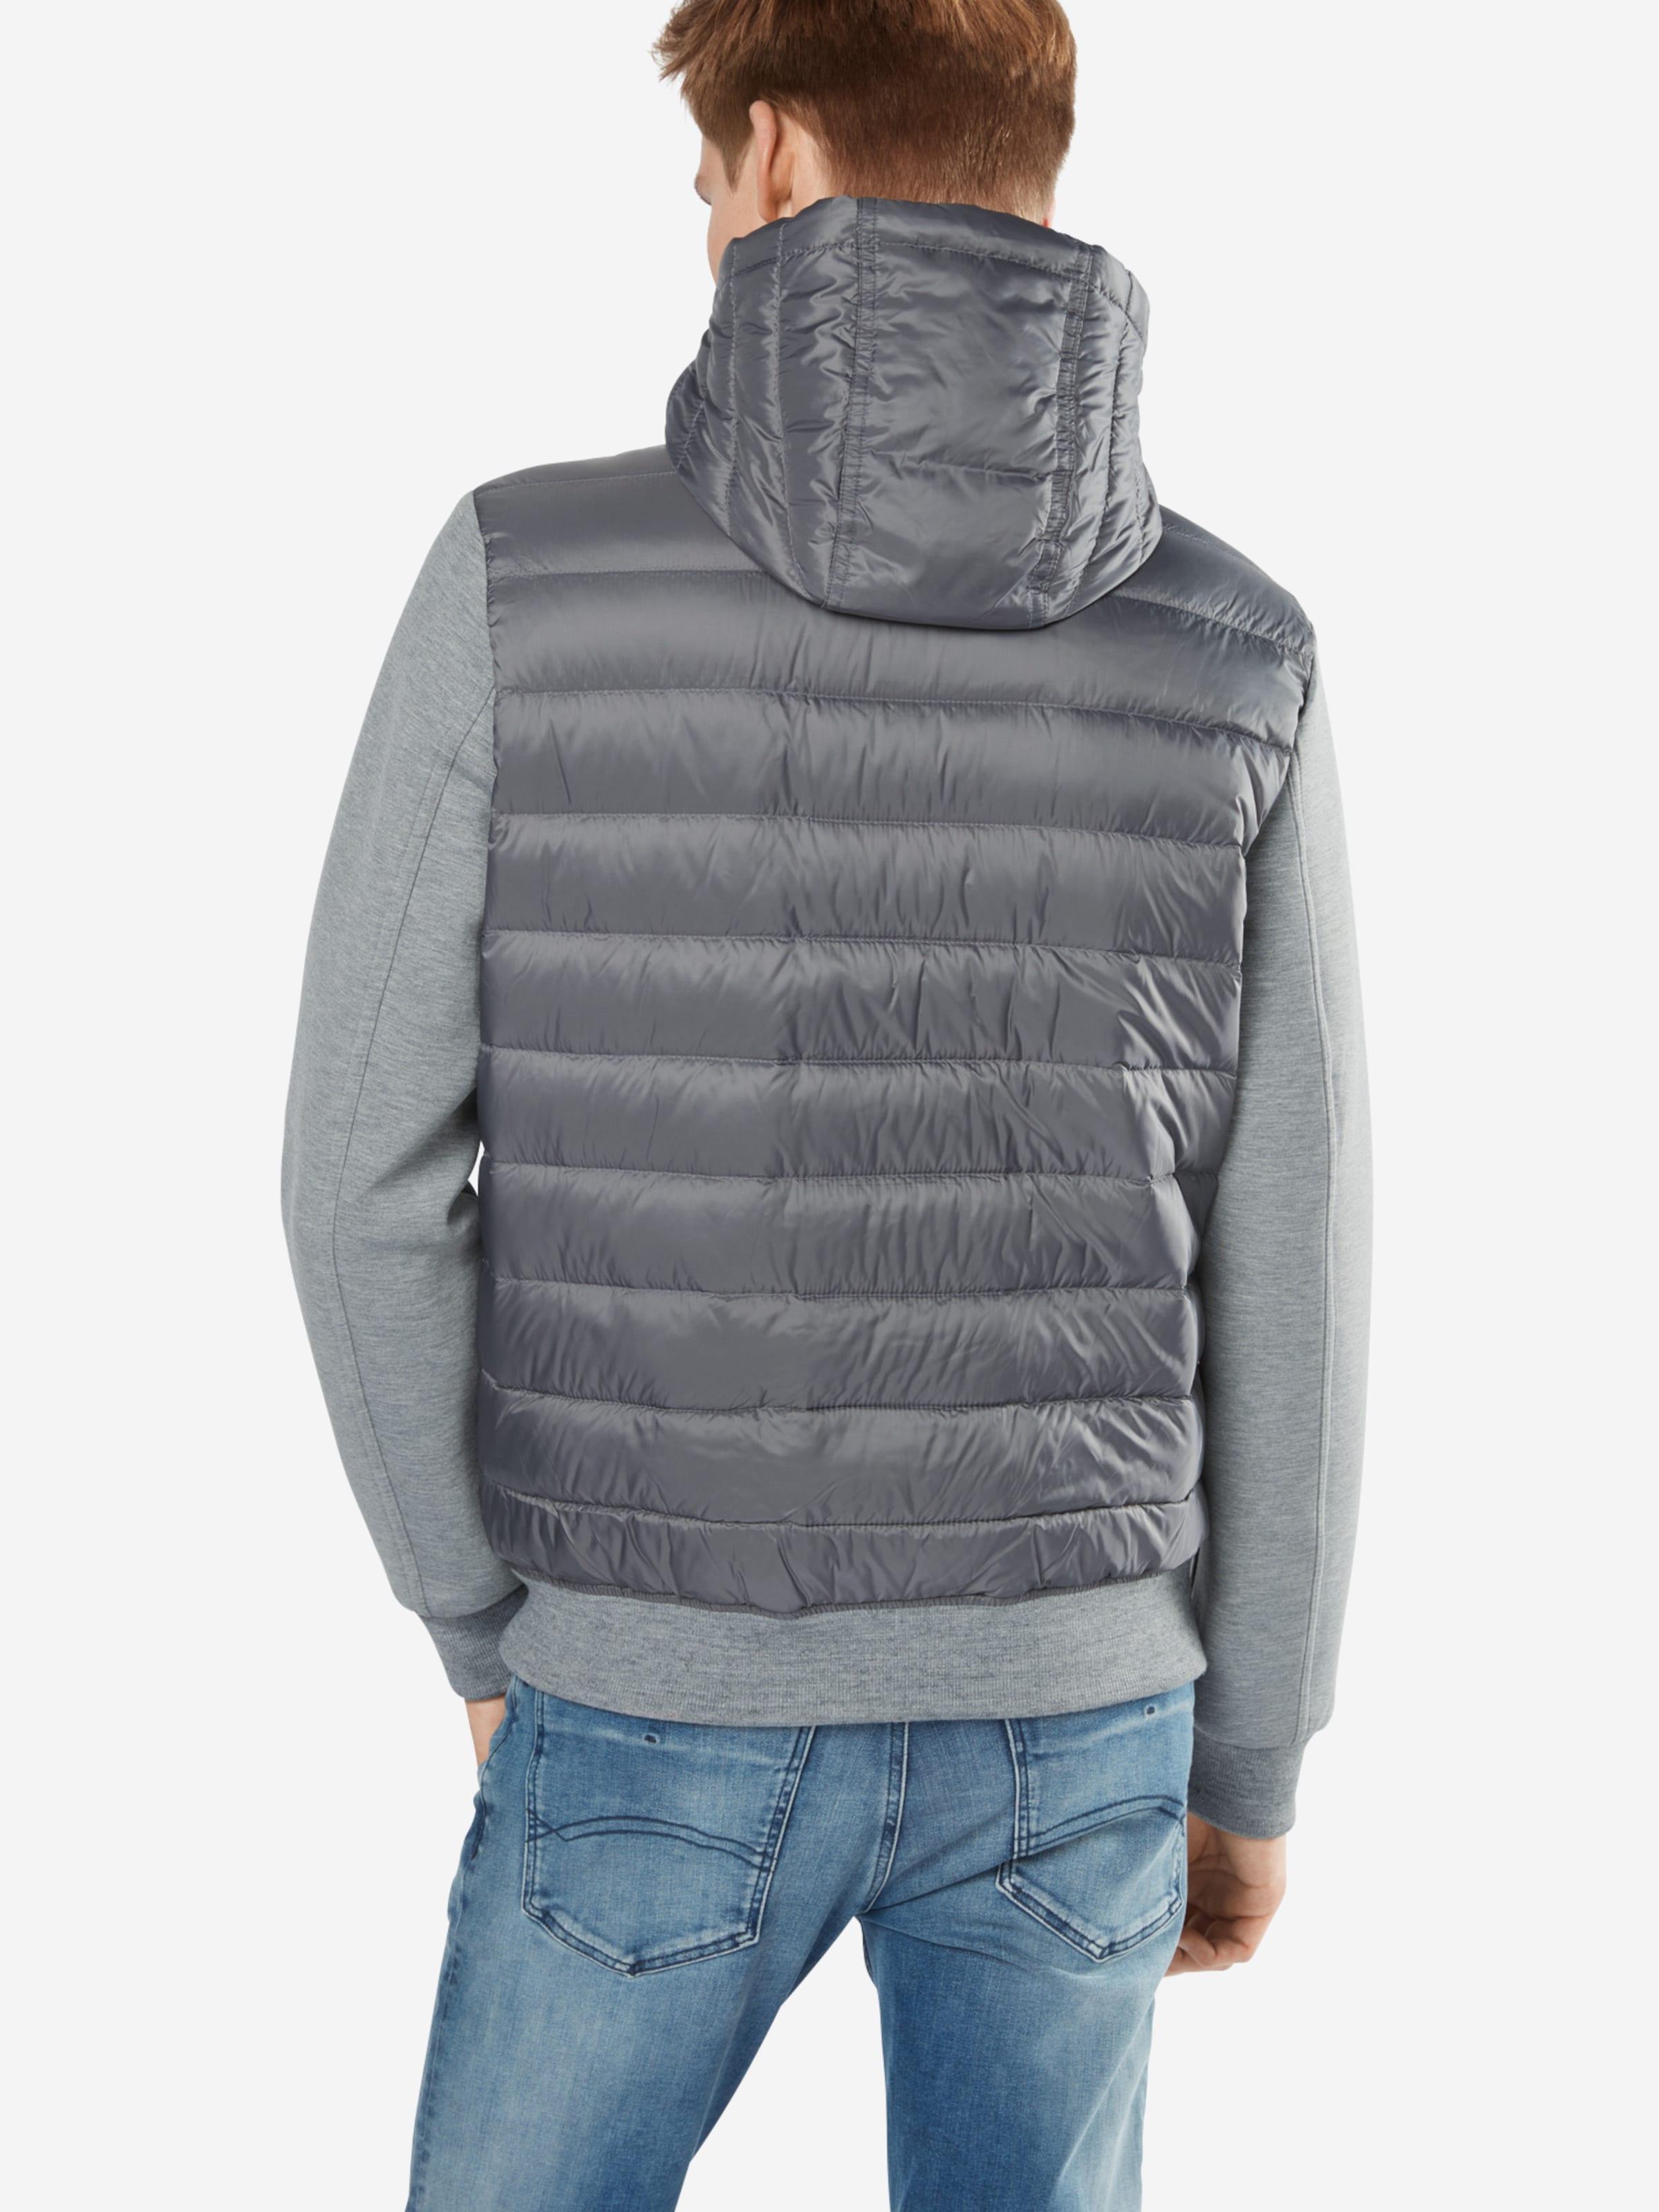 Verkauf Der Neuen Ankunft Große Diskont Online TOMMY HILFIGER Daunenjacke mit Sweat-Ärmeln Mode-Stil Online Größte Anbieter 2WAGwSylws